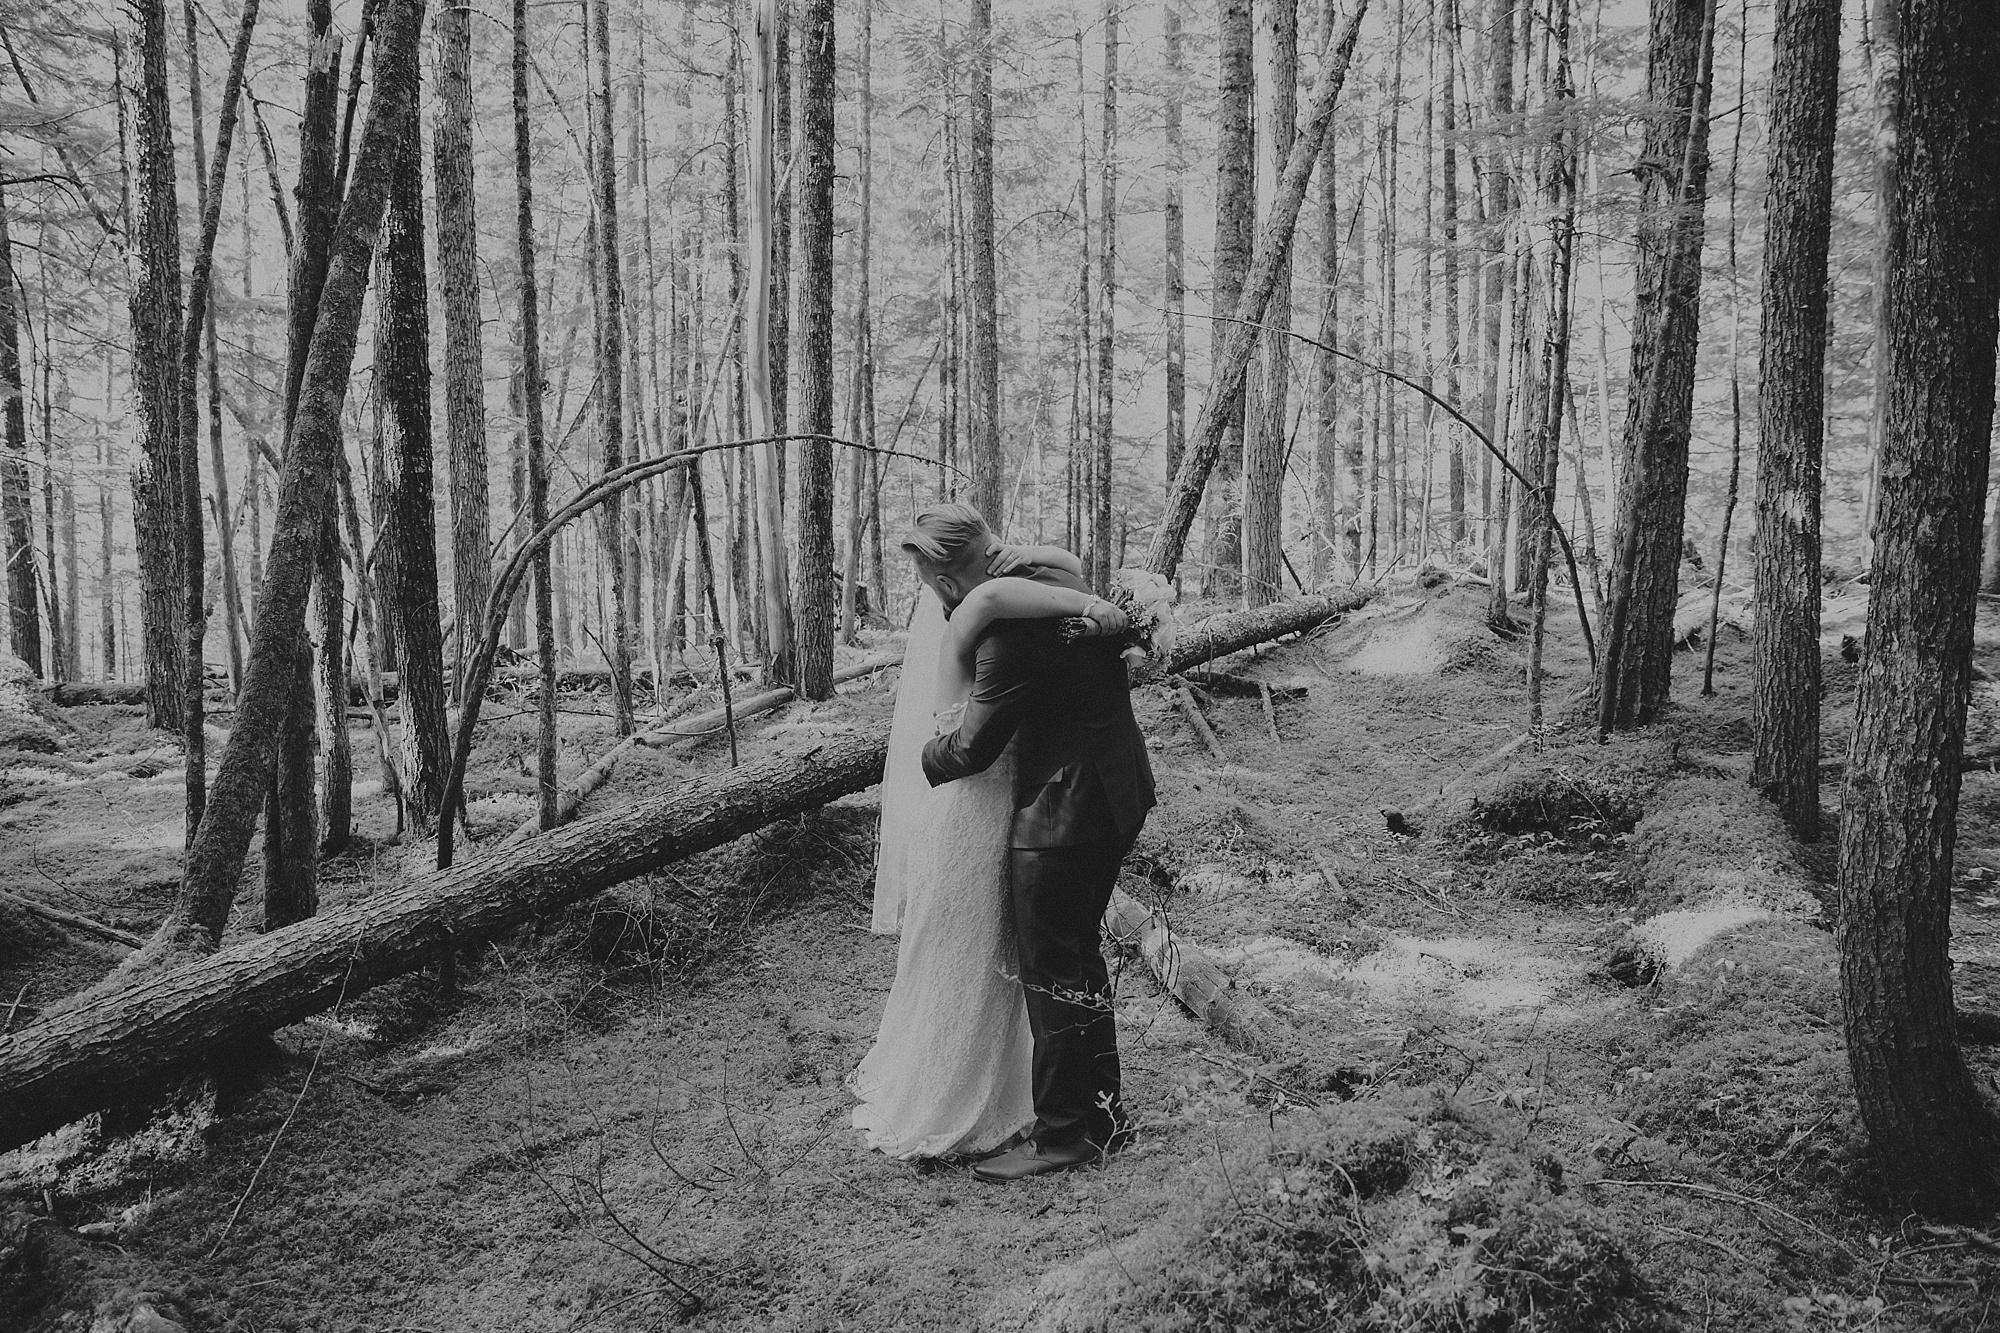 nakusp-wedding-photographer_0048.jpg